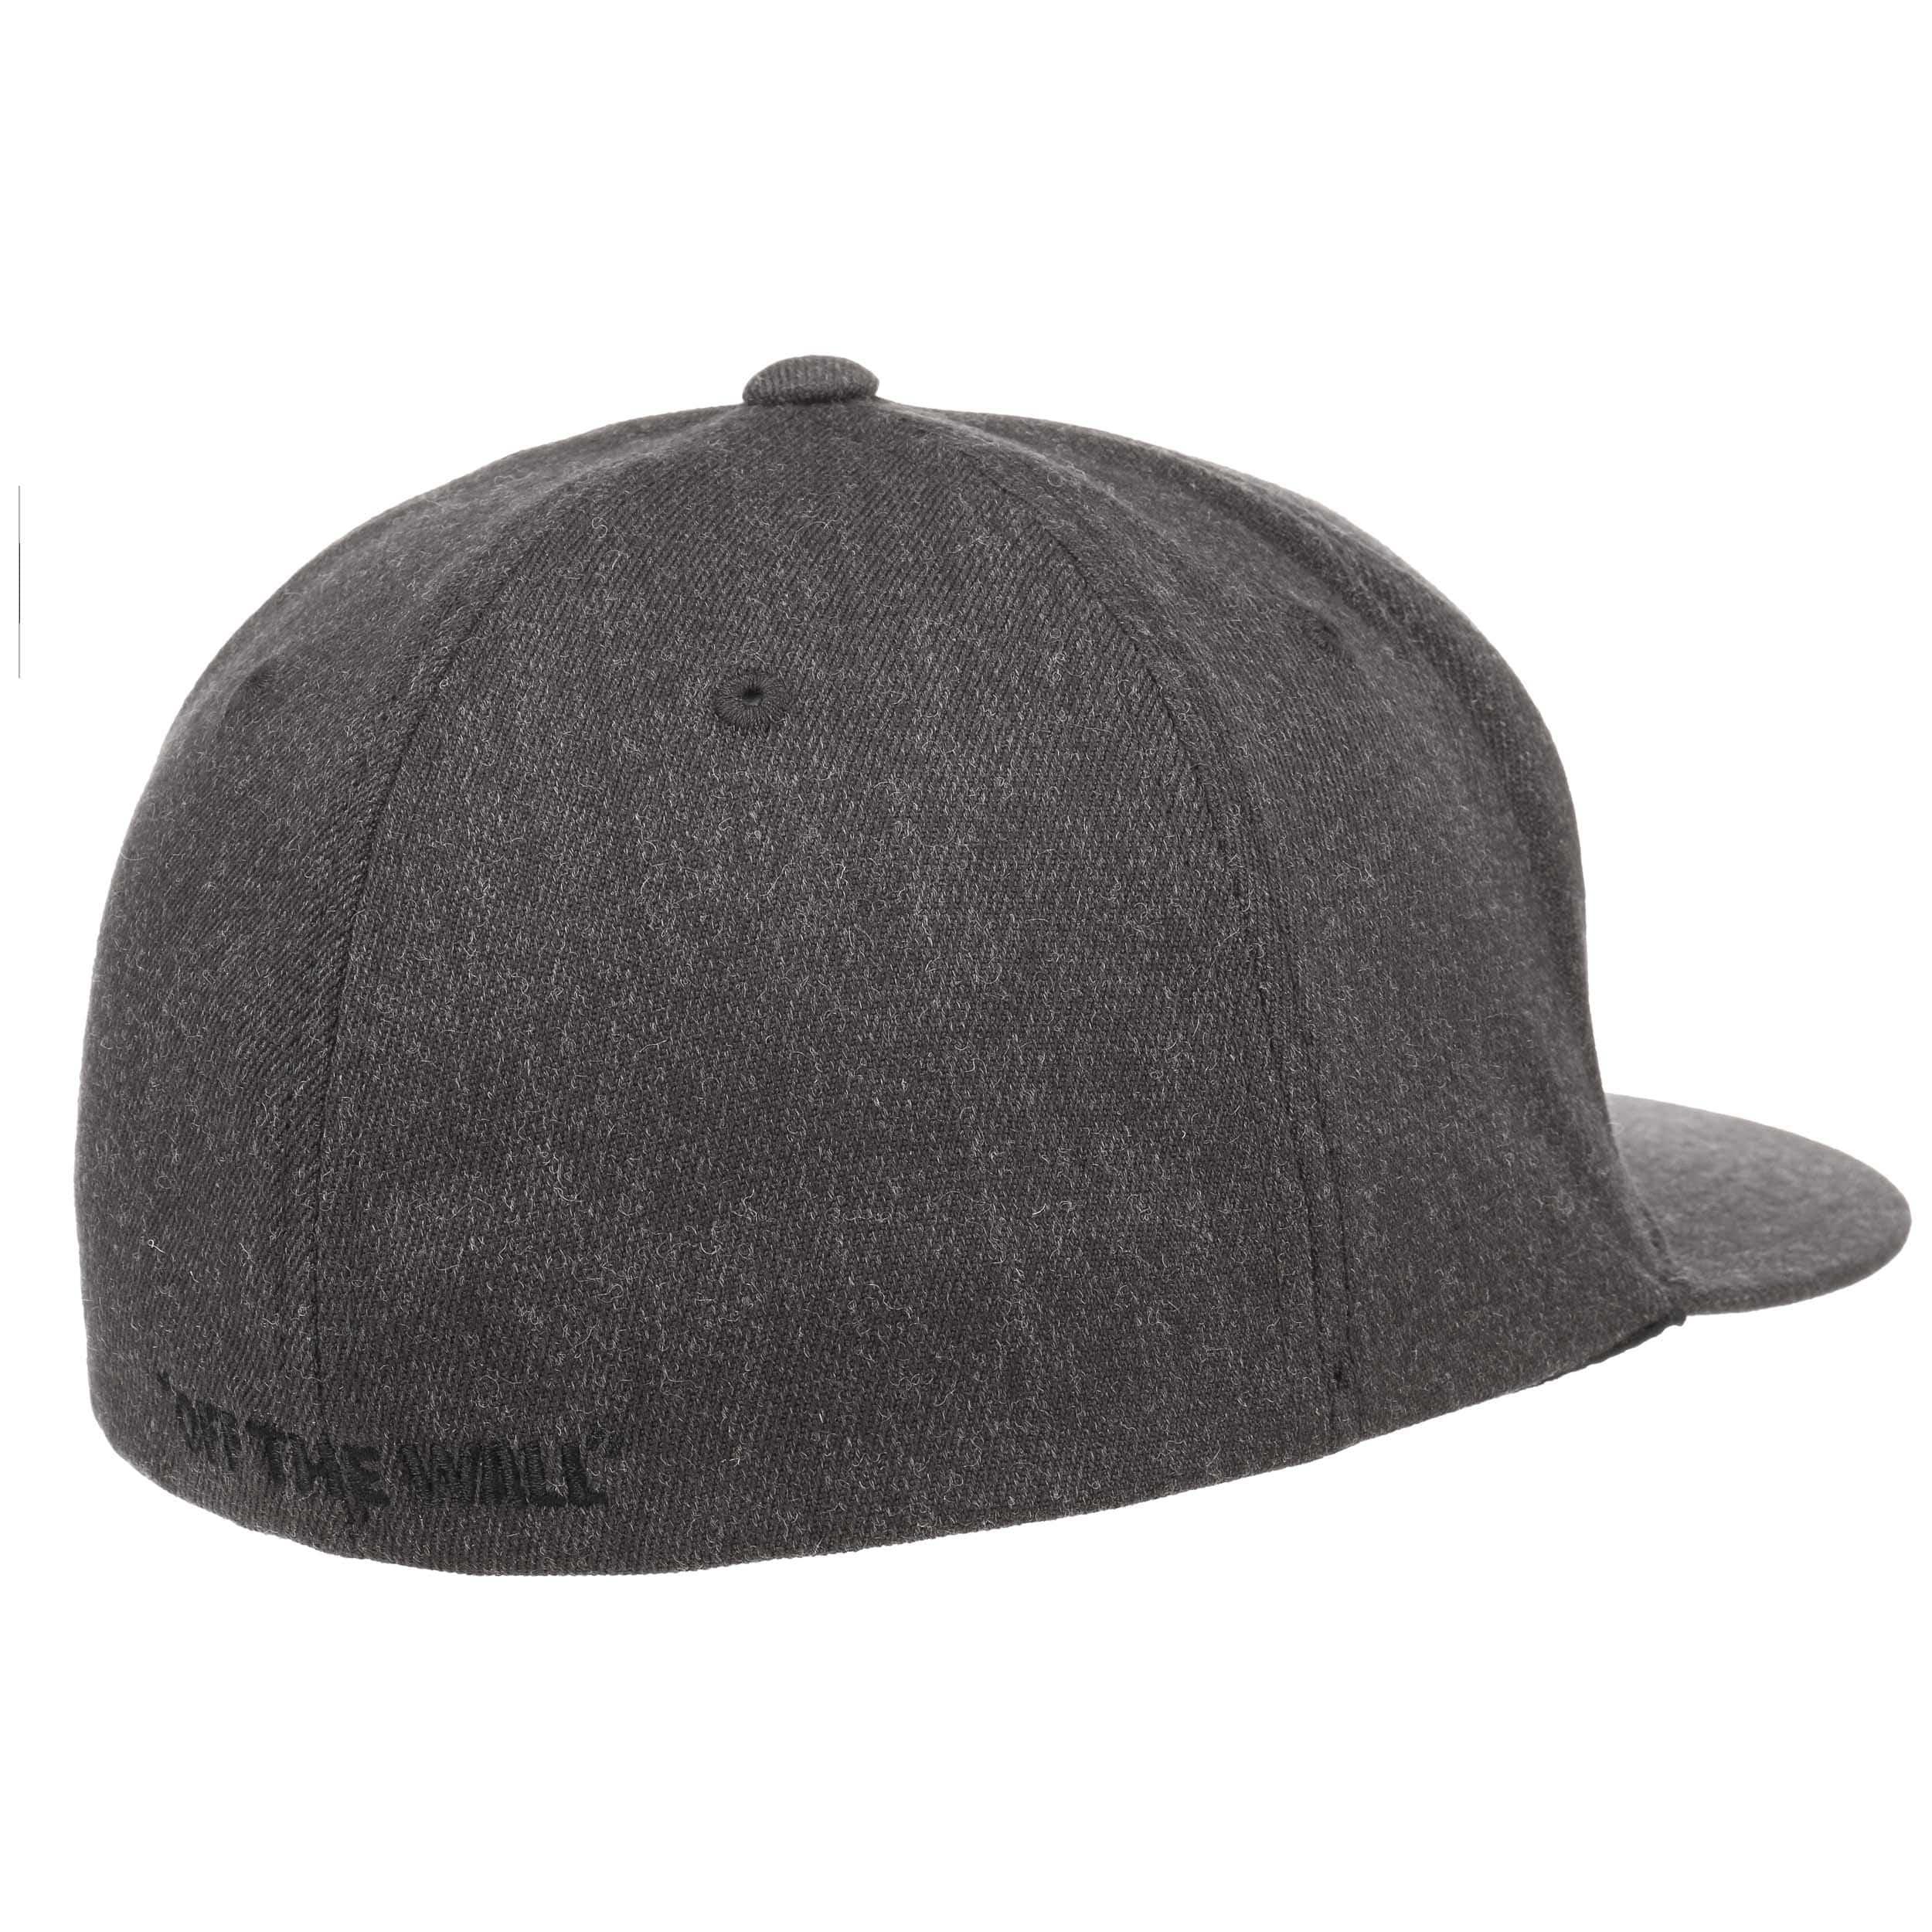 4272c806742 ... Splitz Flexfit Cap by Vans - dark grey 3 ...